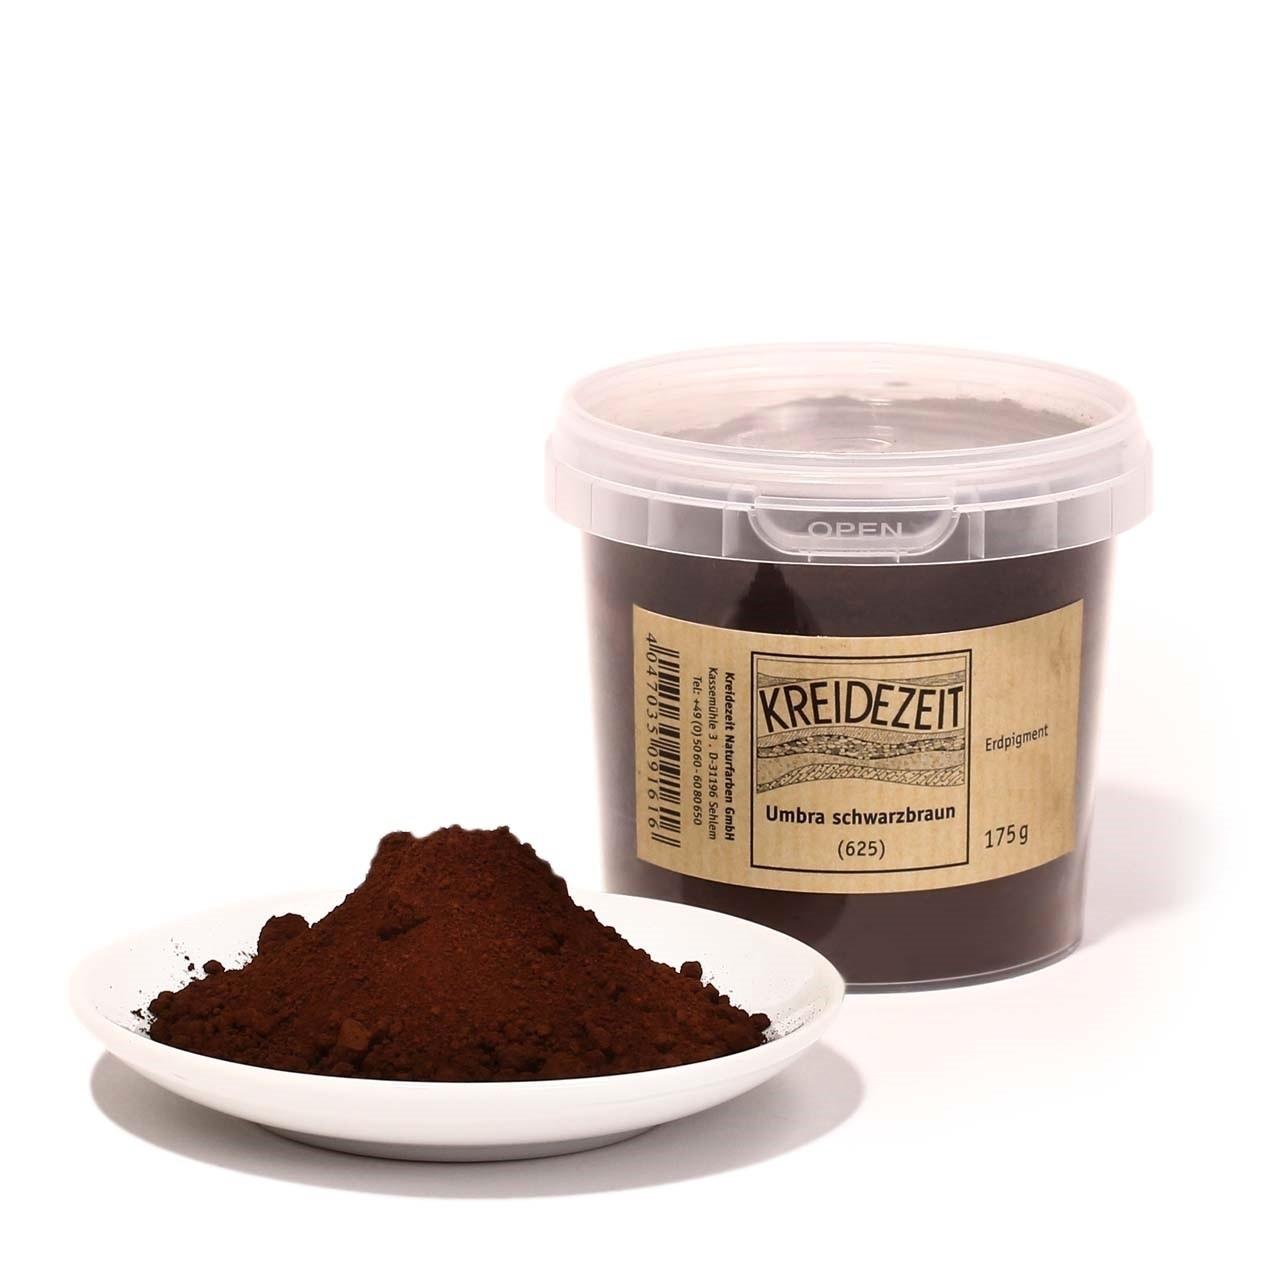 Kreidezeit Pigment Umbra schwarzbraun (625)